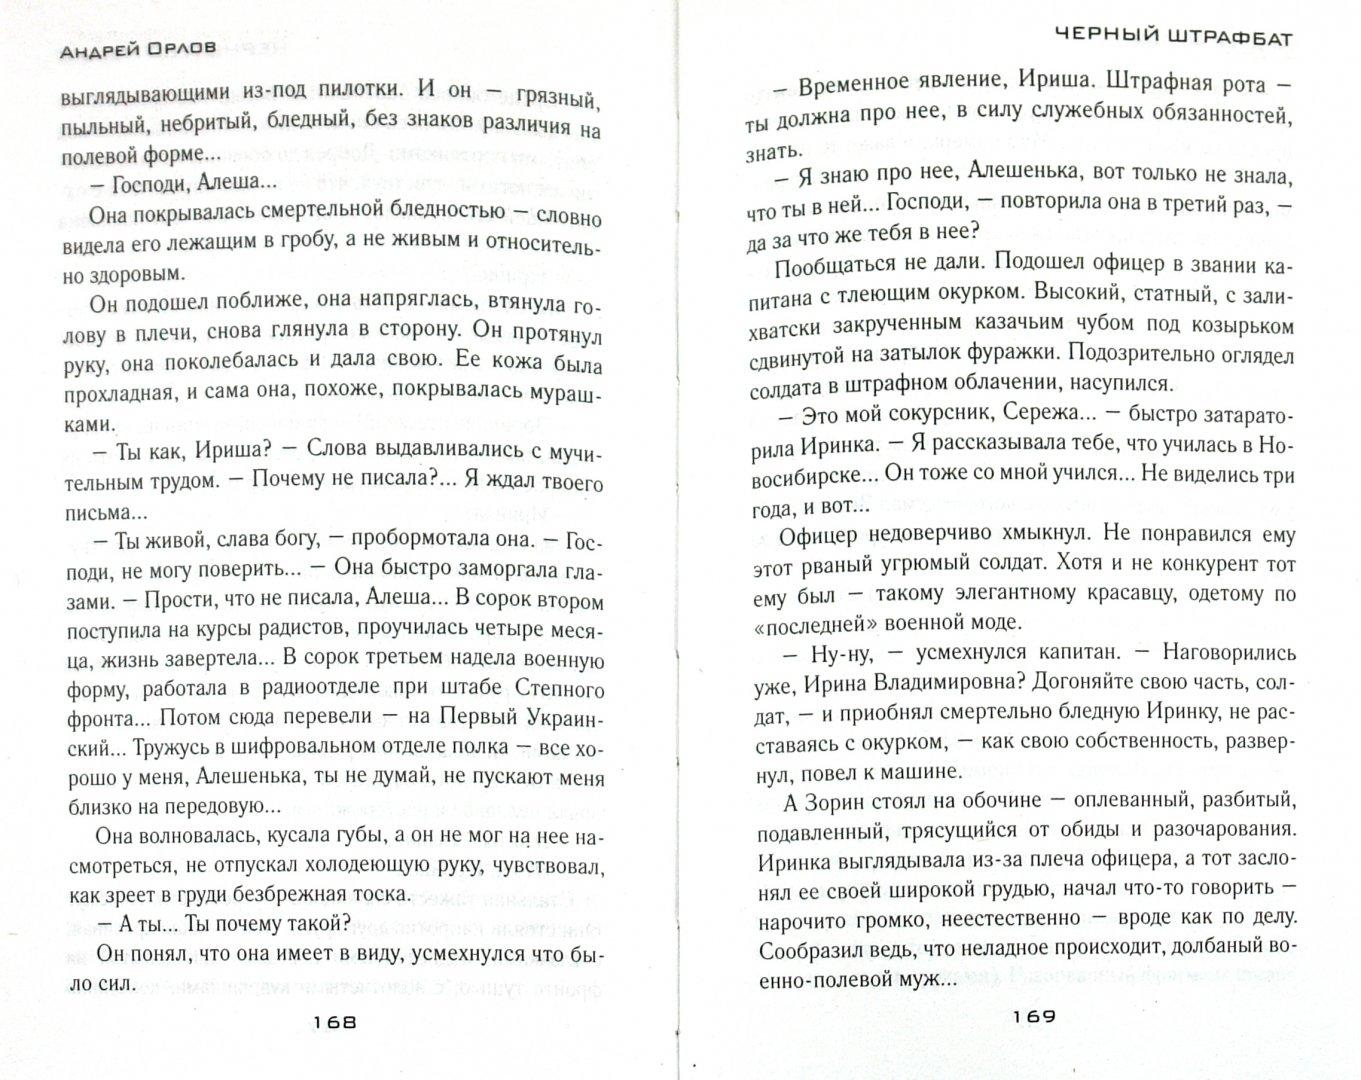 Иллюстрация 1 из 14 для Черный штрафбат - Андрей Орлов | Лабиринт - книги. Источник: Лабиринт